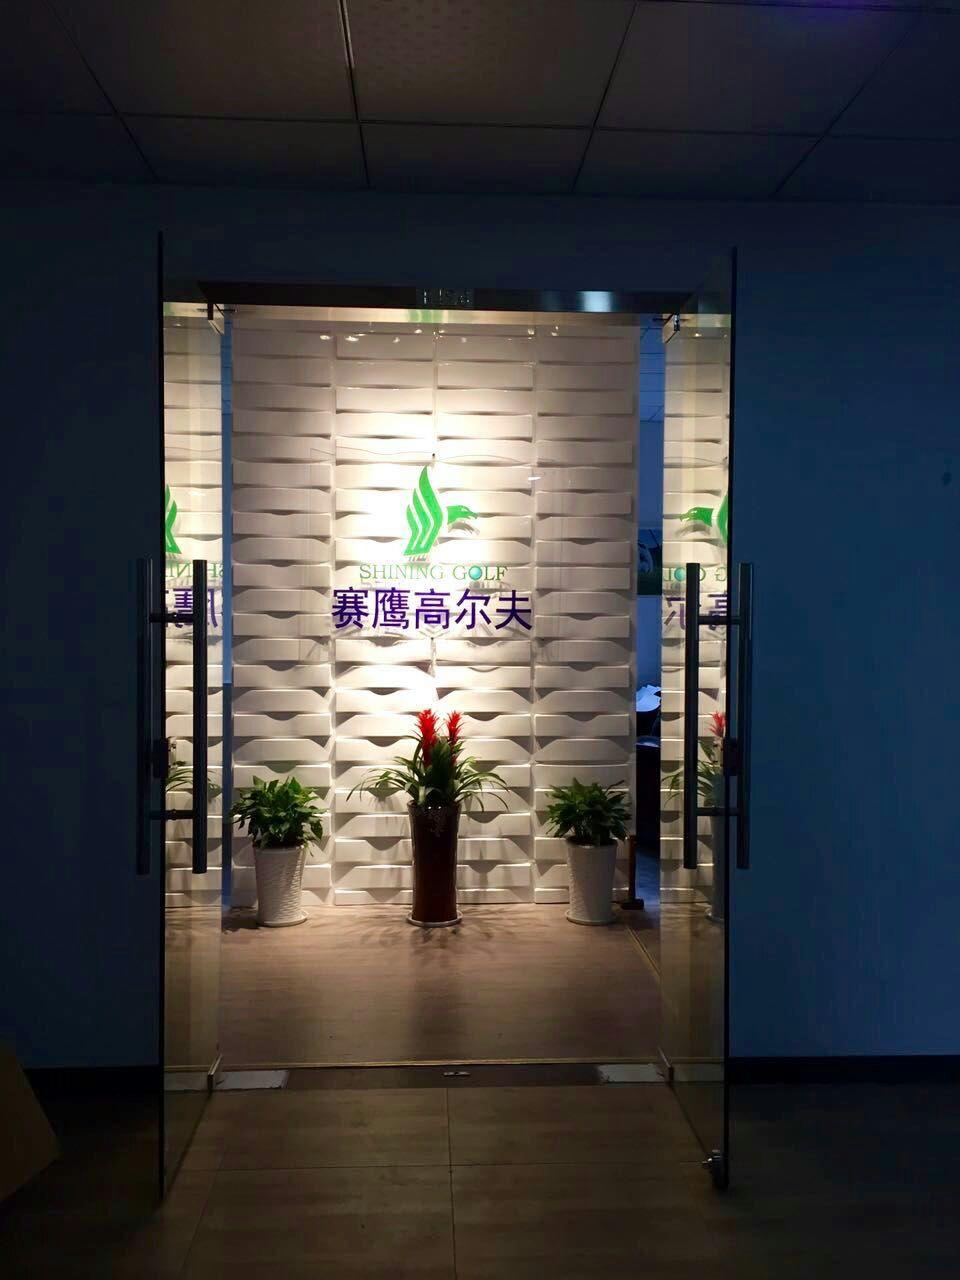 杭州赛鹰高尔夫有限公司